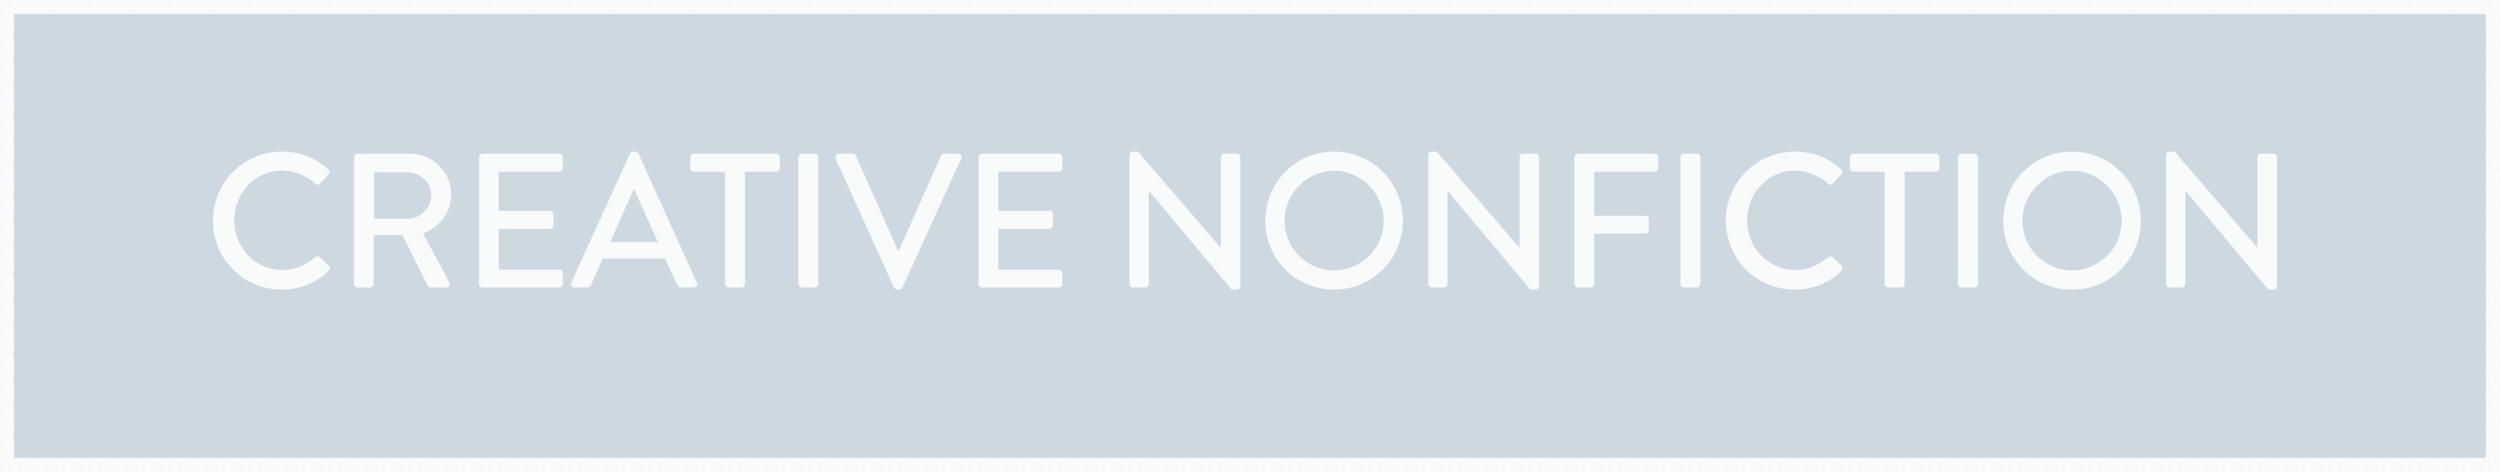 NONFICTIONArtboard-1.png